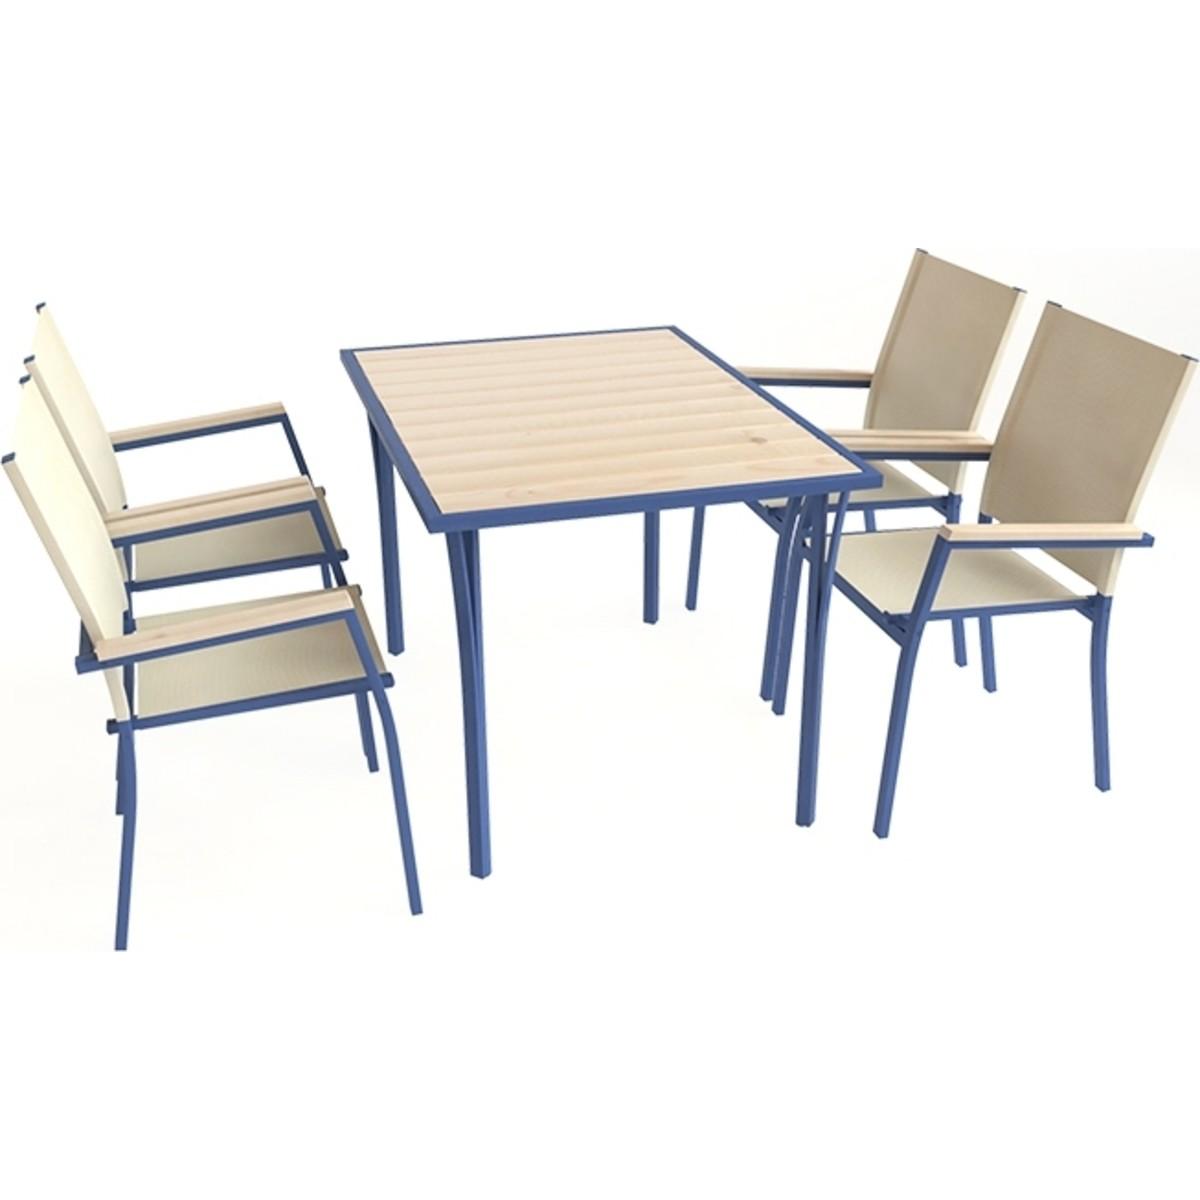 Комплект садовой мебели Енисей 1 стол и 4 стула